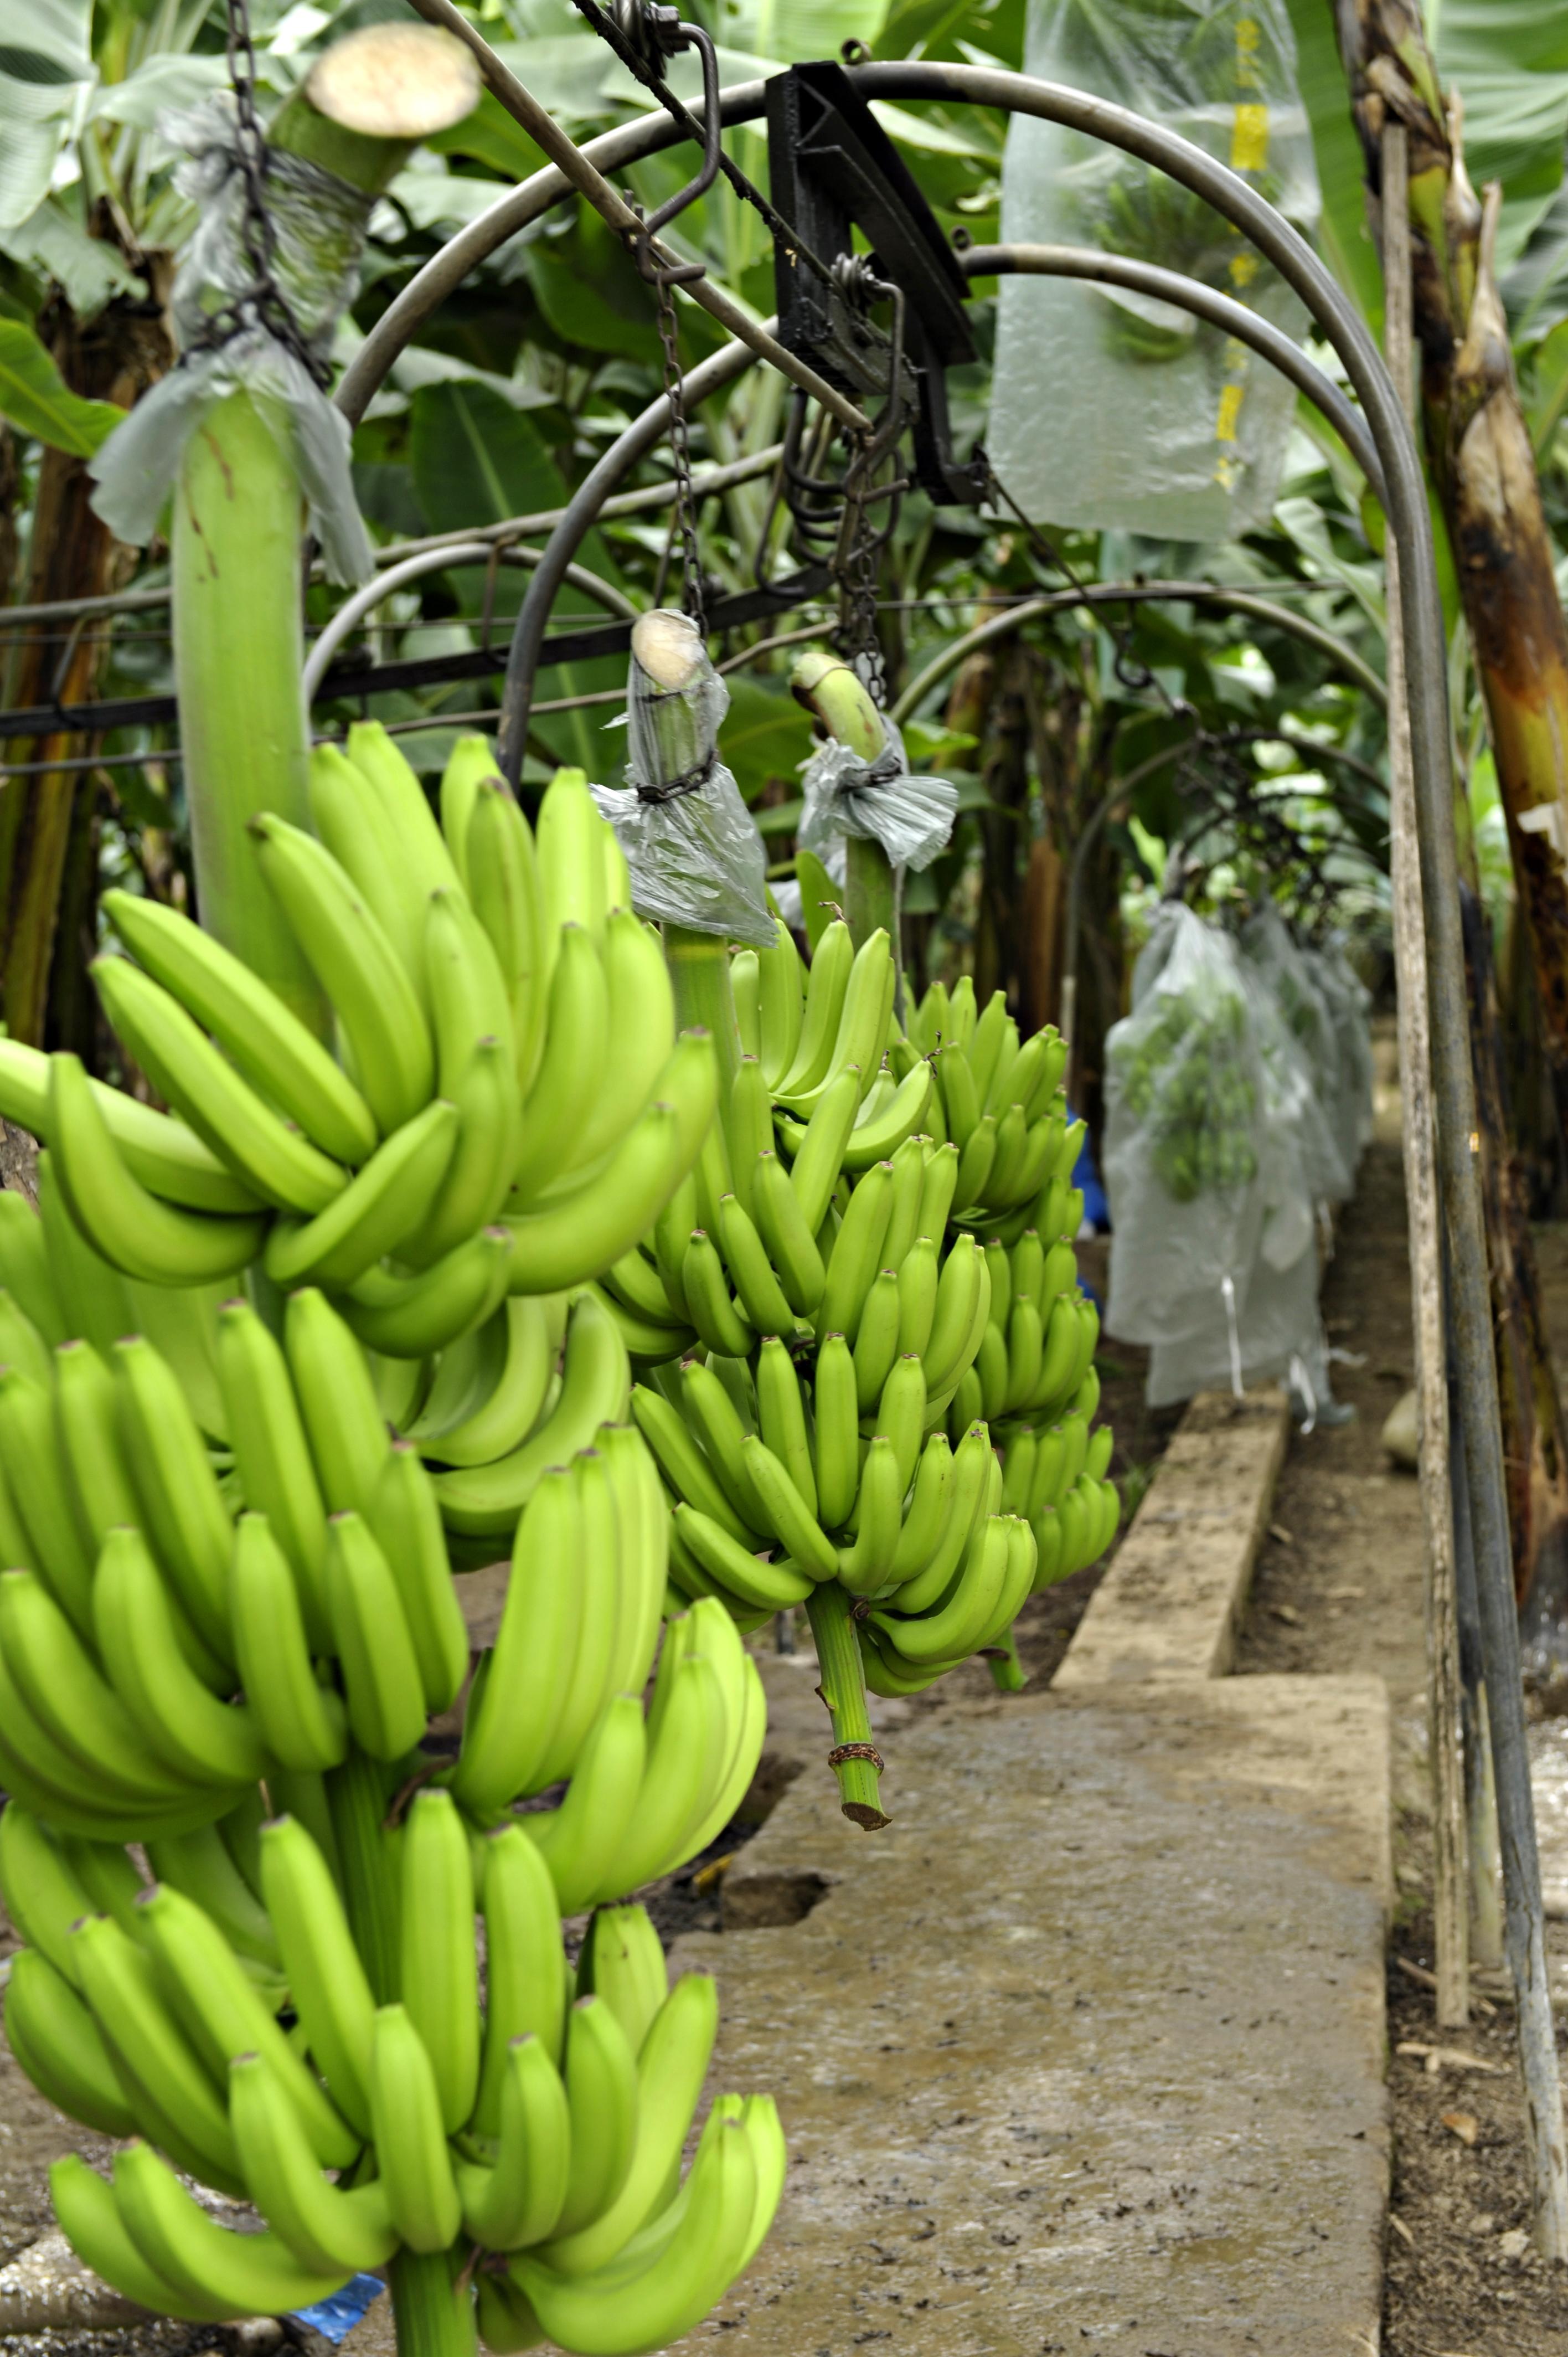 Ecuador Fresh Banana - _SRN1785_edit.jpg